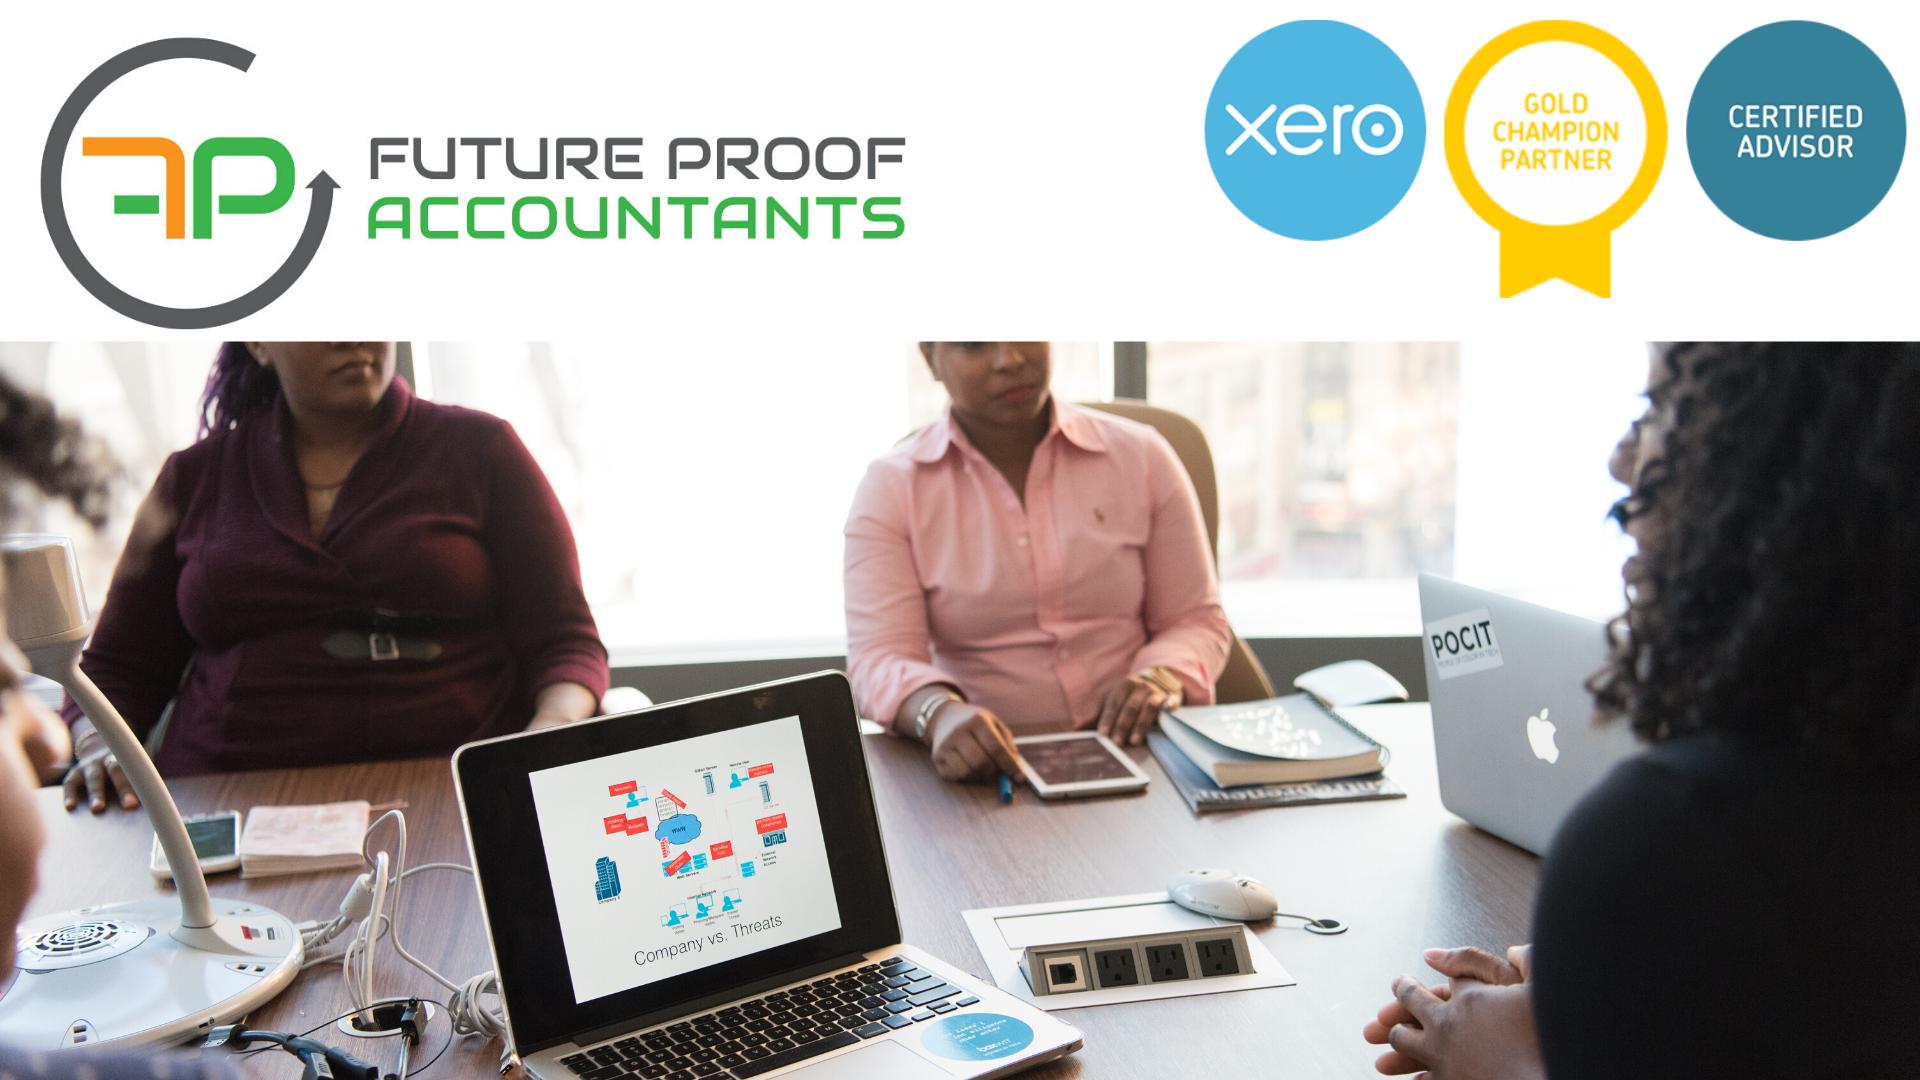 Xero Financial Reports Ready for Company